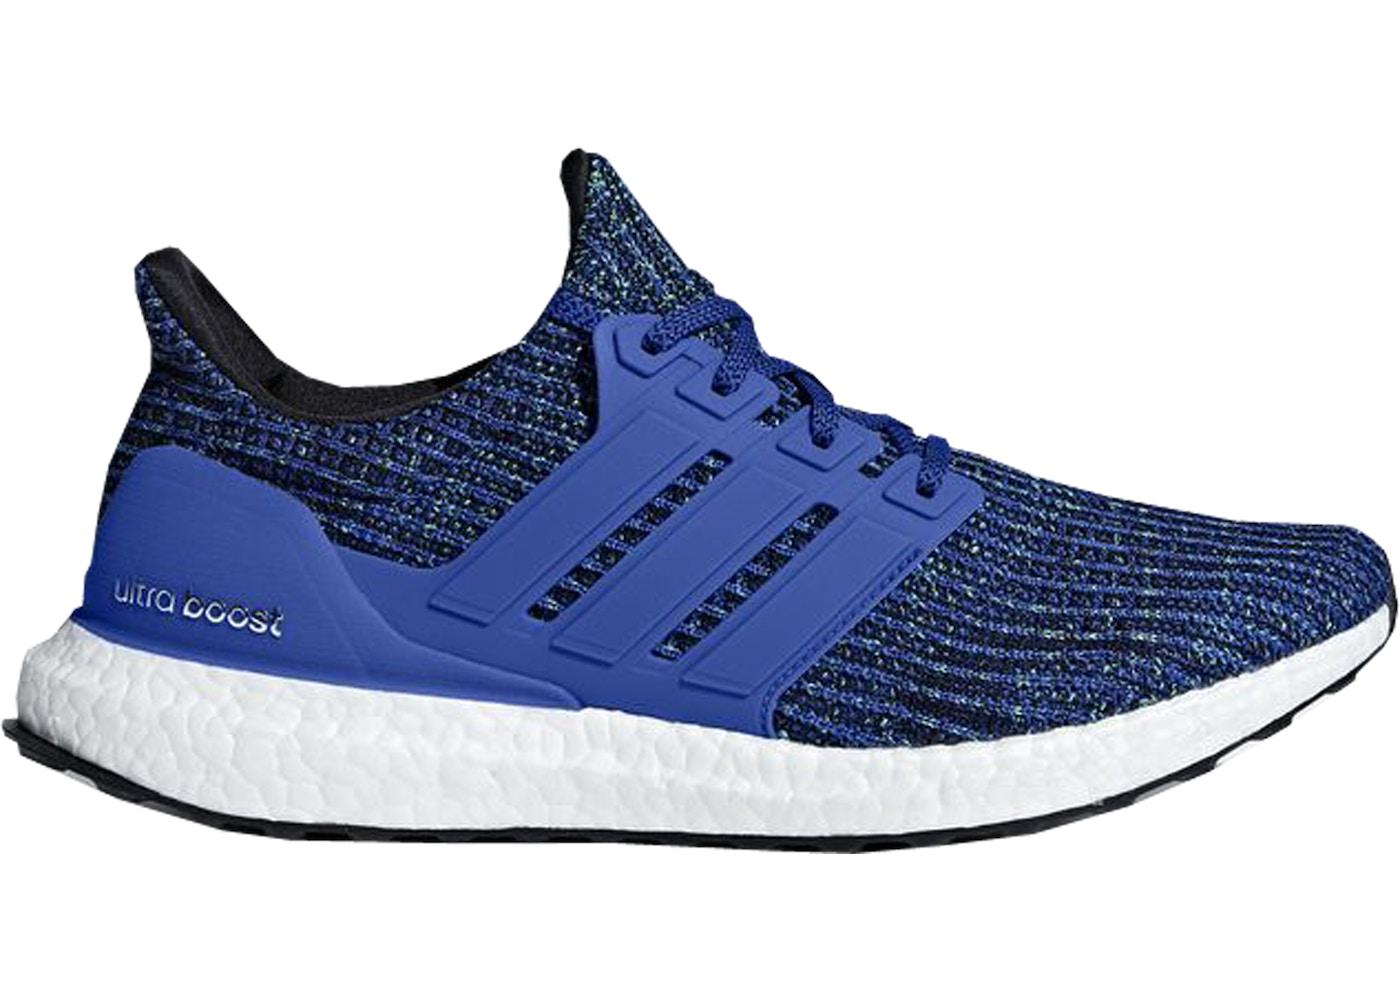 ultra boosts blue